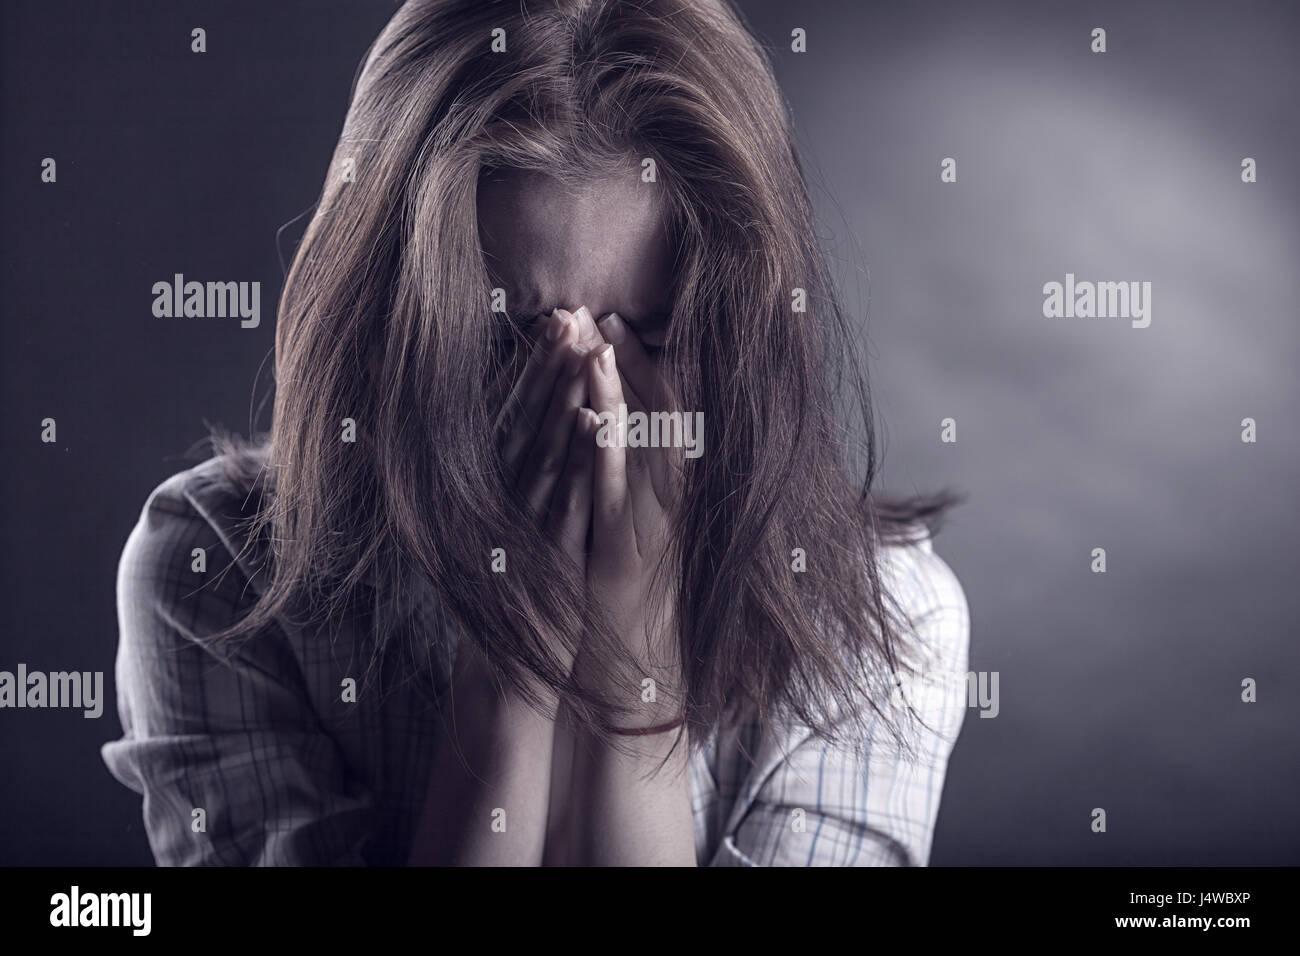 Jeune femme visage pleurant dans ses mains sur un fond sombre Photo Stock